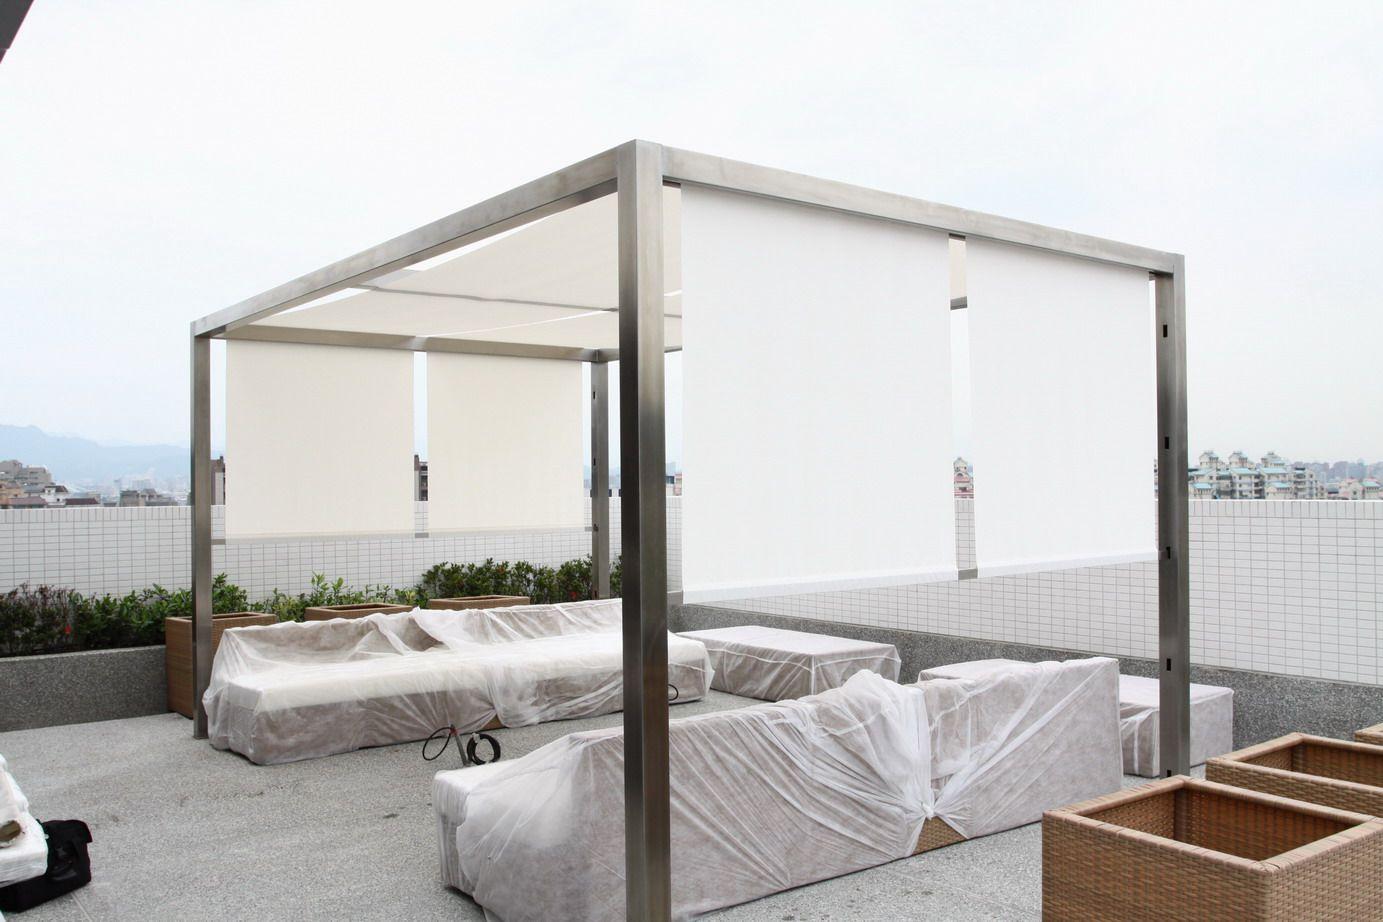 帆布,遮陽(雨)棚,帳棚,遮陽傘-快瑪國際Pony Awning歐式遮陽棚系統